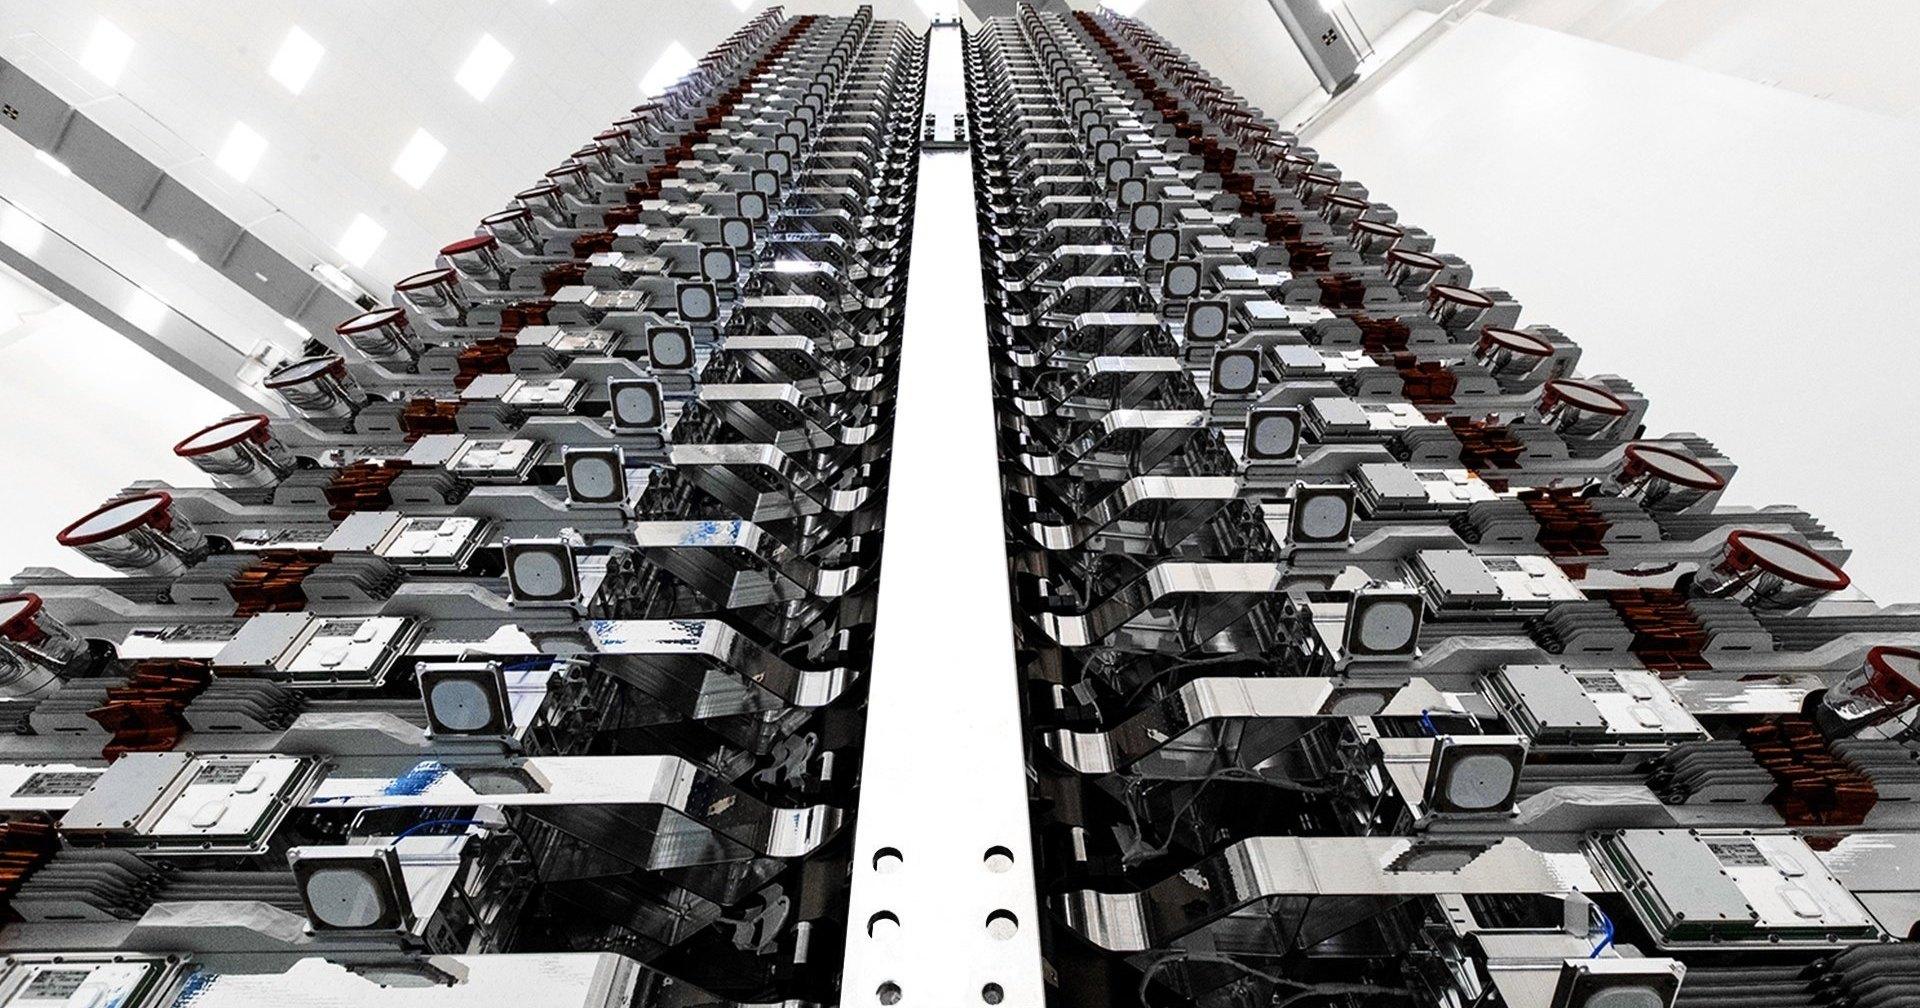 Доступ к Интернету через спутниковую сеть SpaceX будет стоить 99 долларов в месяц